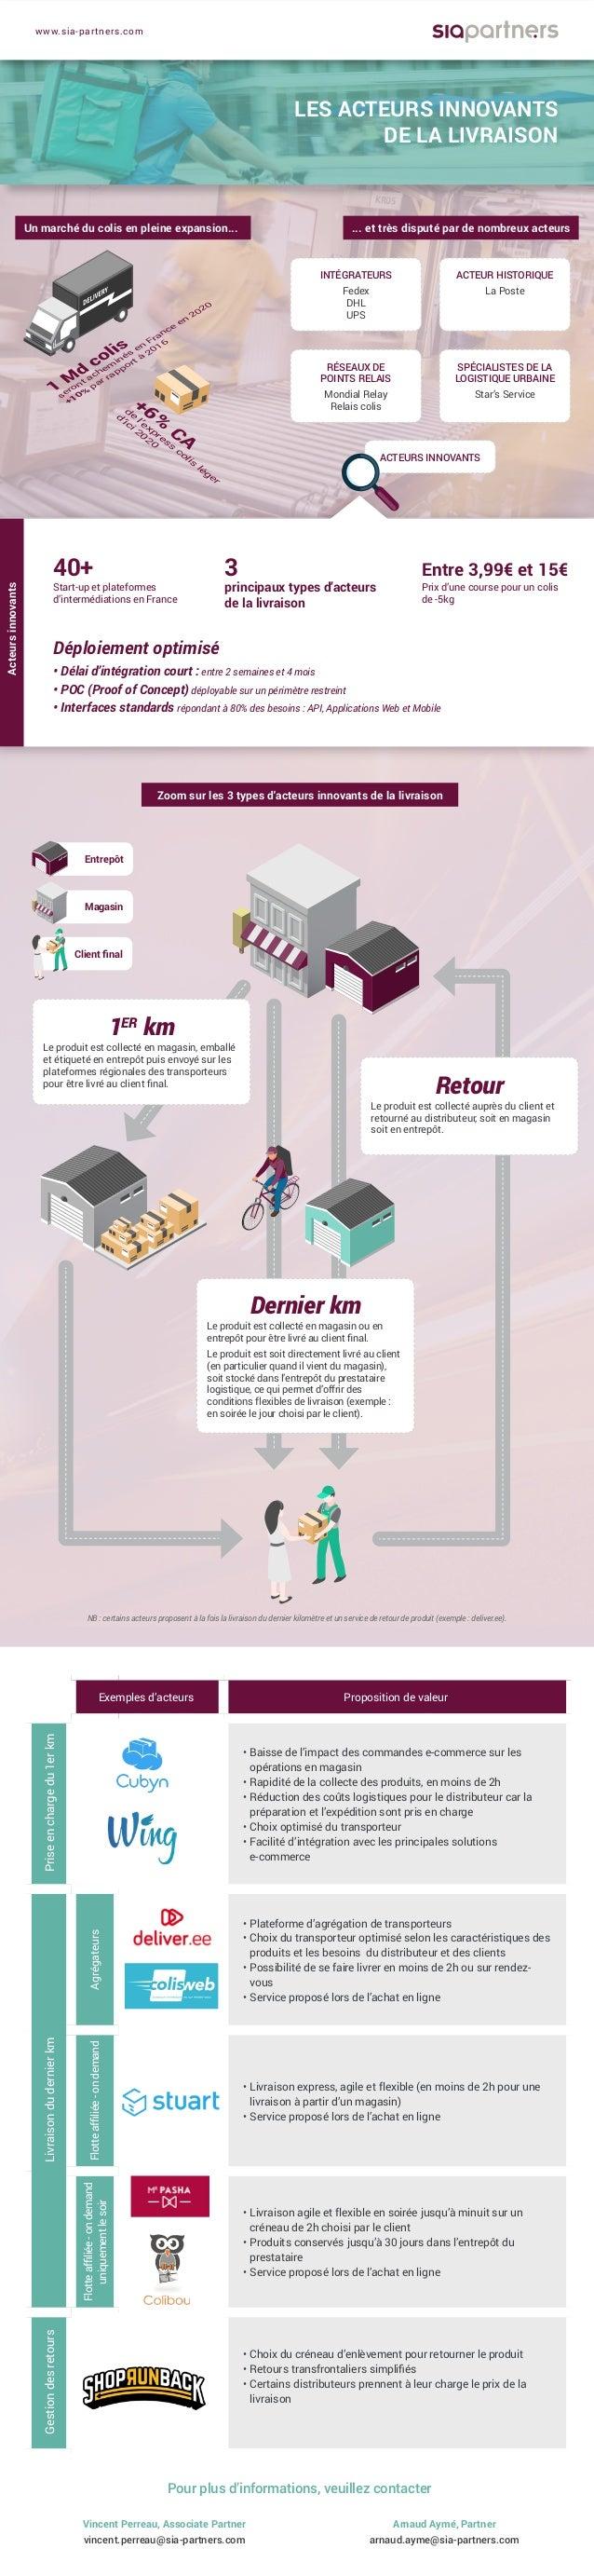 Entrepôt Magasin Client final Un marché du colis en pleine expansion... INTÉGRATEURS Fedex DHL UPS RÉSEAUX DE POINTS RELAI...